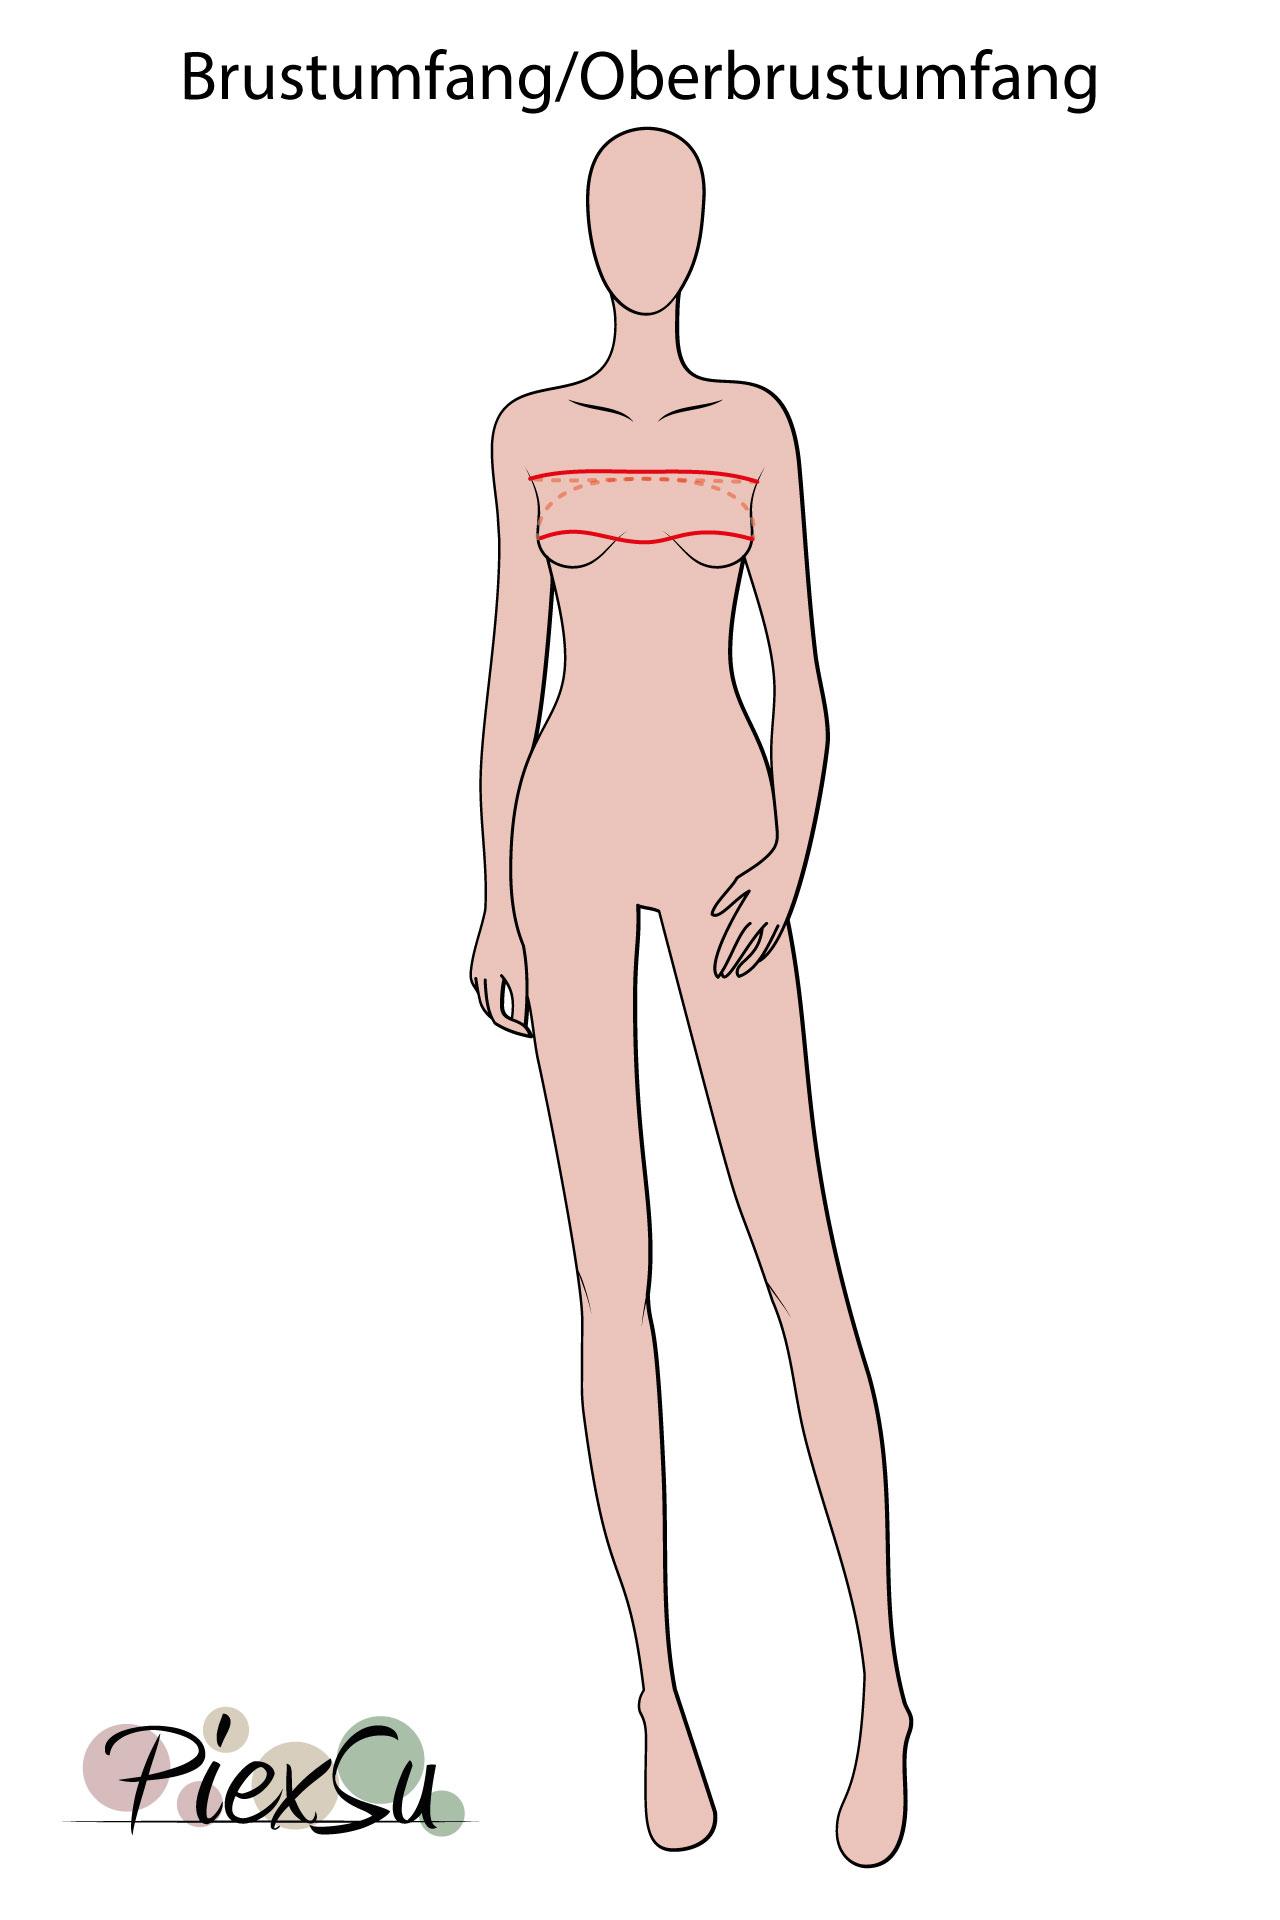 PiexSu-richtig-Maßnehmen-Maße-Schnittmuster-nähen-Schnittmuster-anpassen-messen-Maßband-Brustumfang-Oberbrustumfang